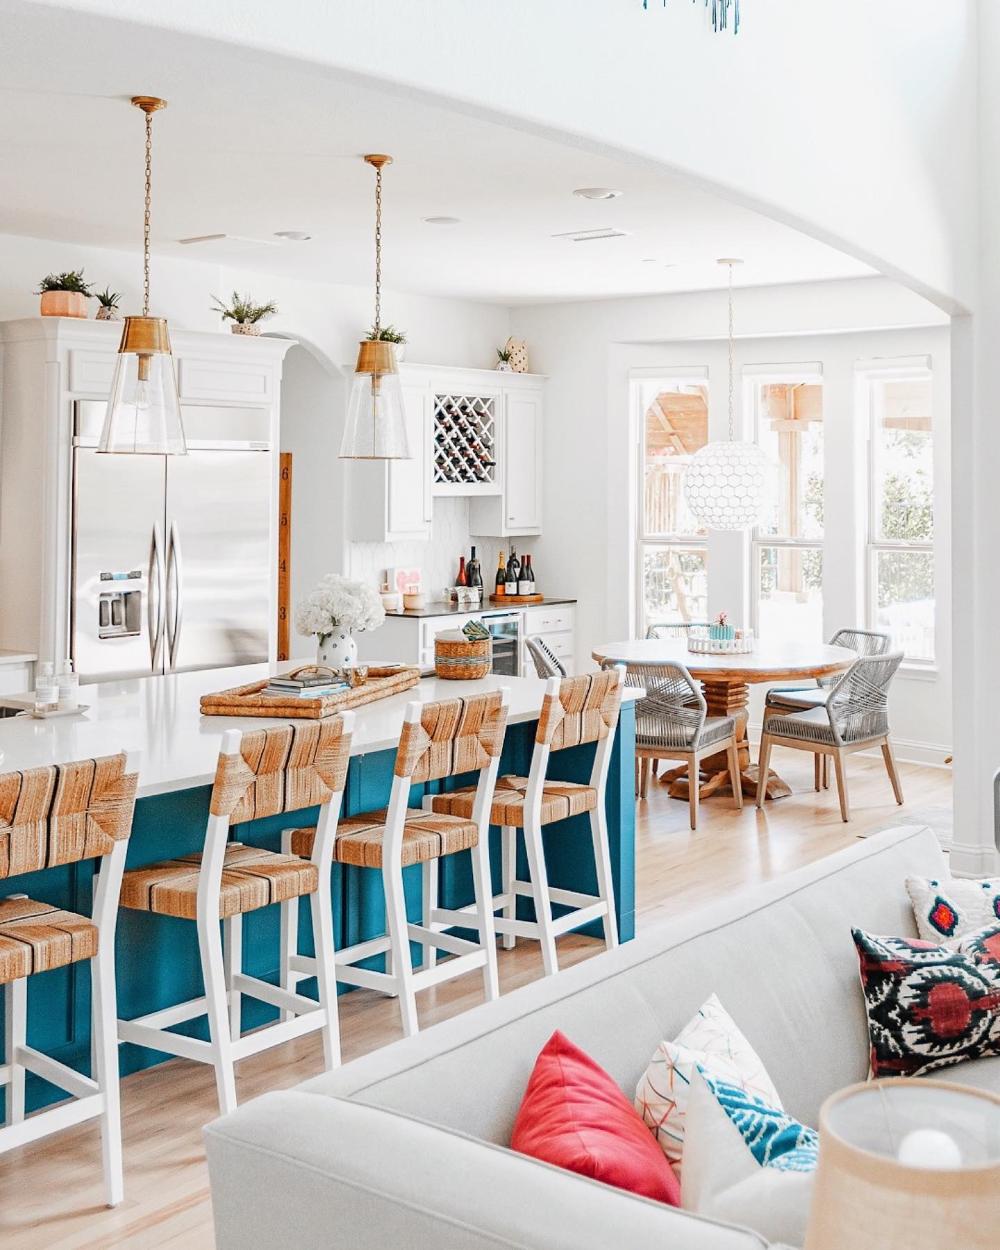 Capiz Honeycomb Chandelier In 2020 Beach House Interior Design Beach Cottage Exterior Beach House Interior